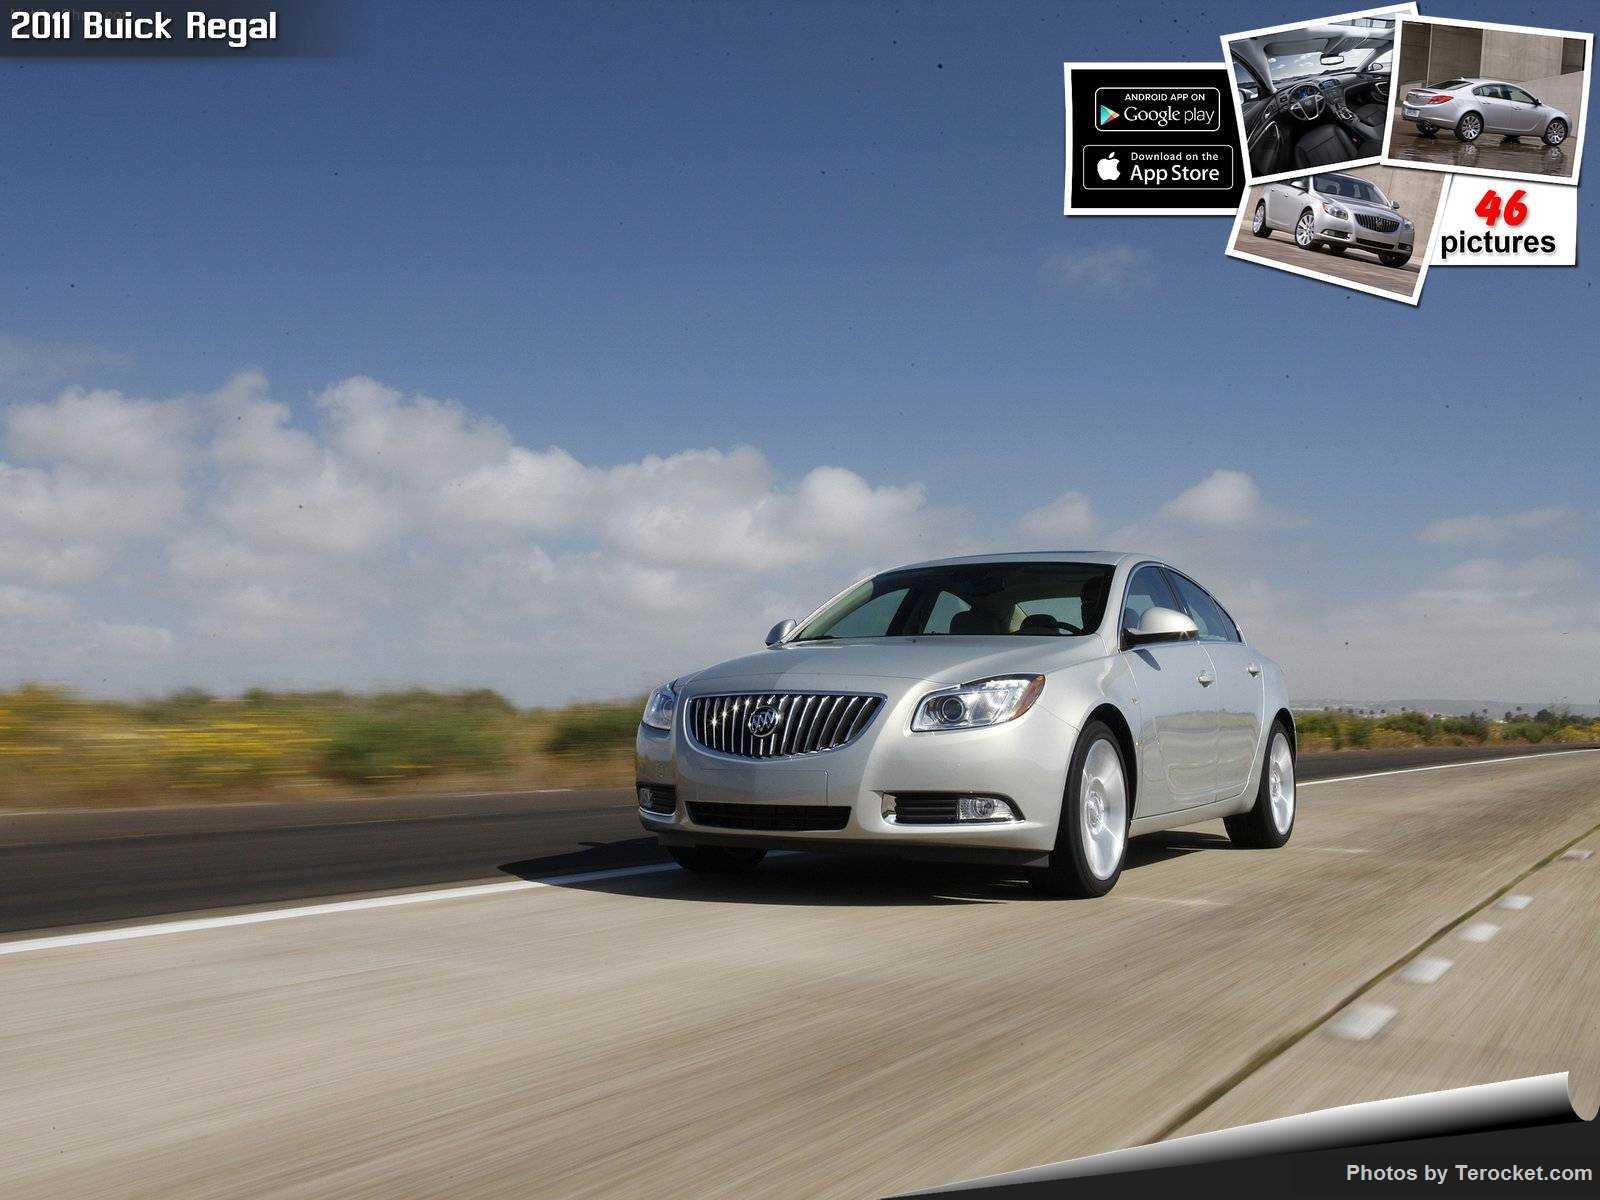 Hình ảnh xe ô tô Buick Regal 2011 & nội ngoại thất